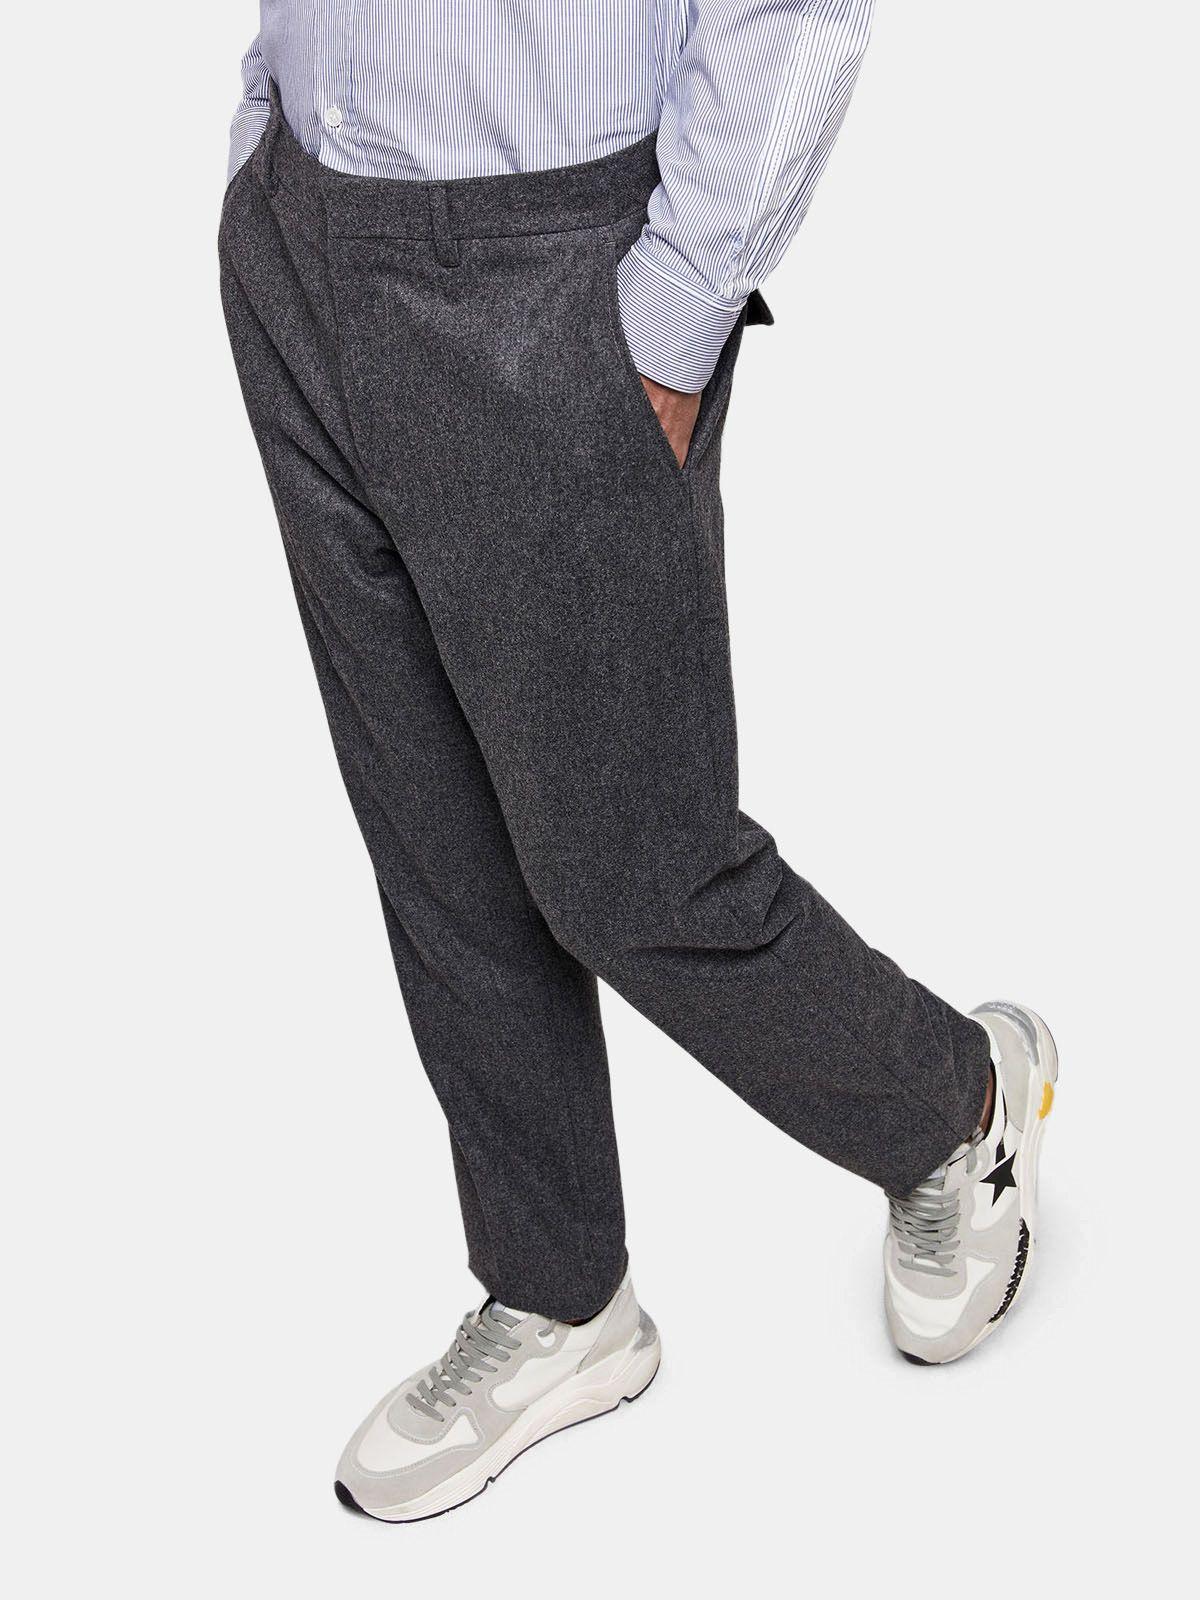 Golden Goose - Golden trousers in virgin wool in